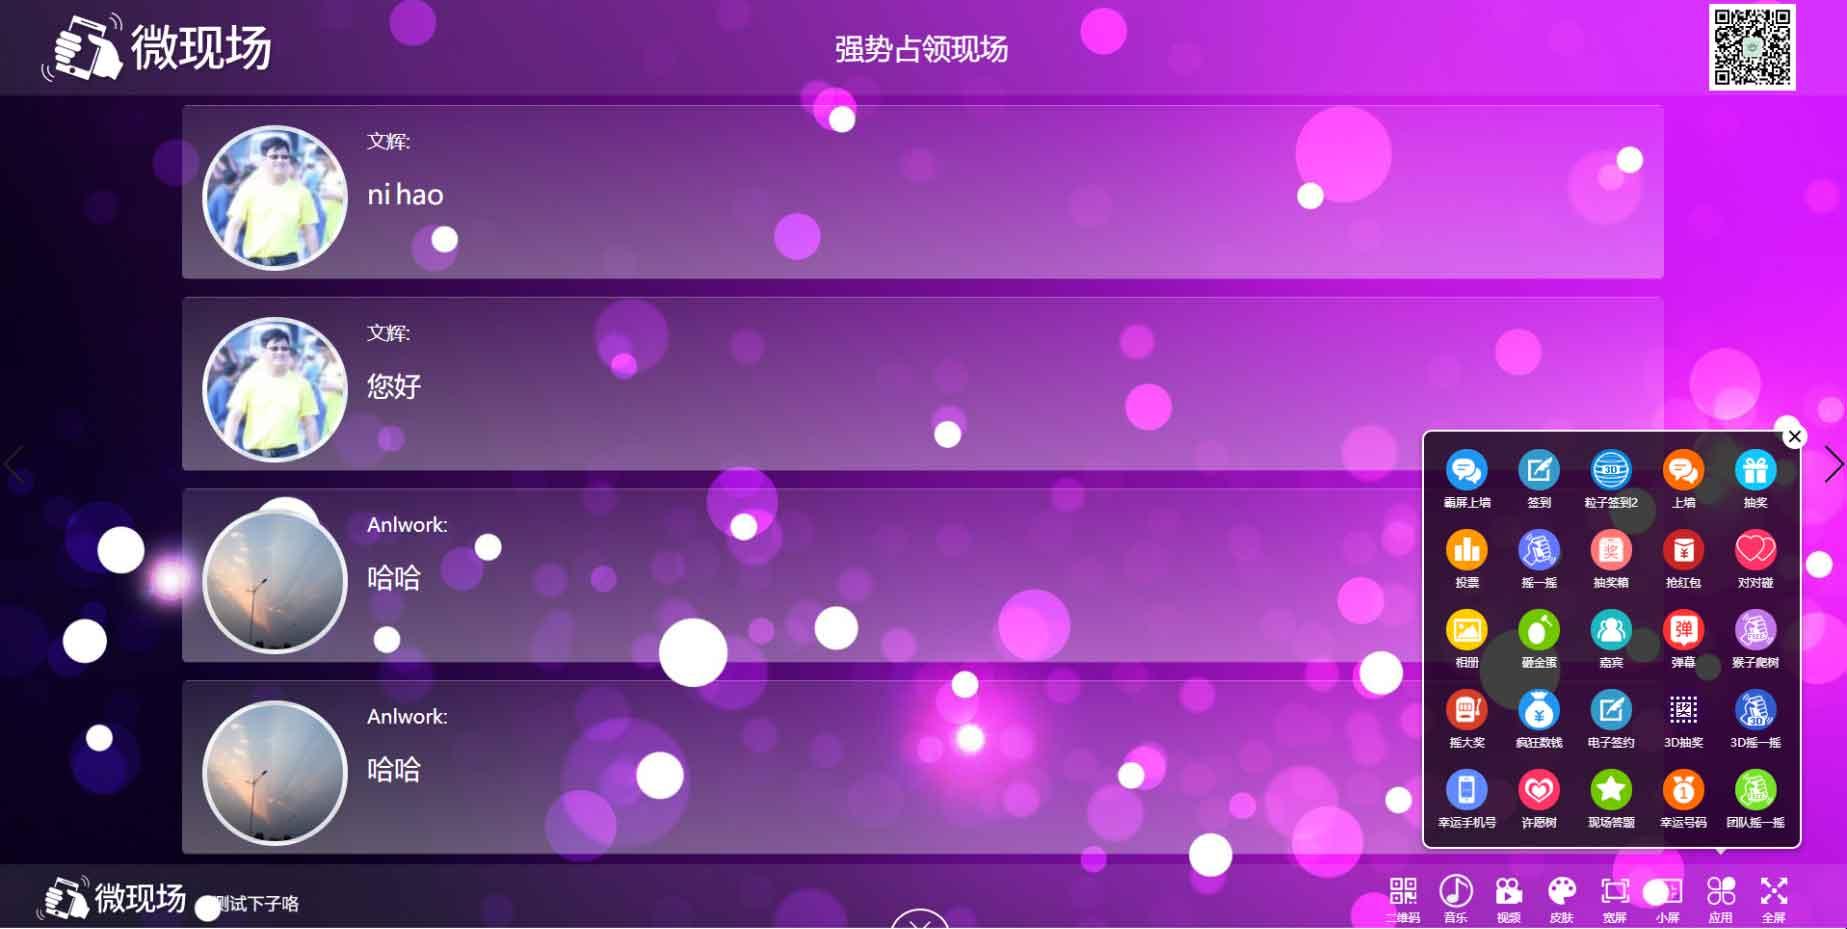 微信大屏幕